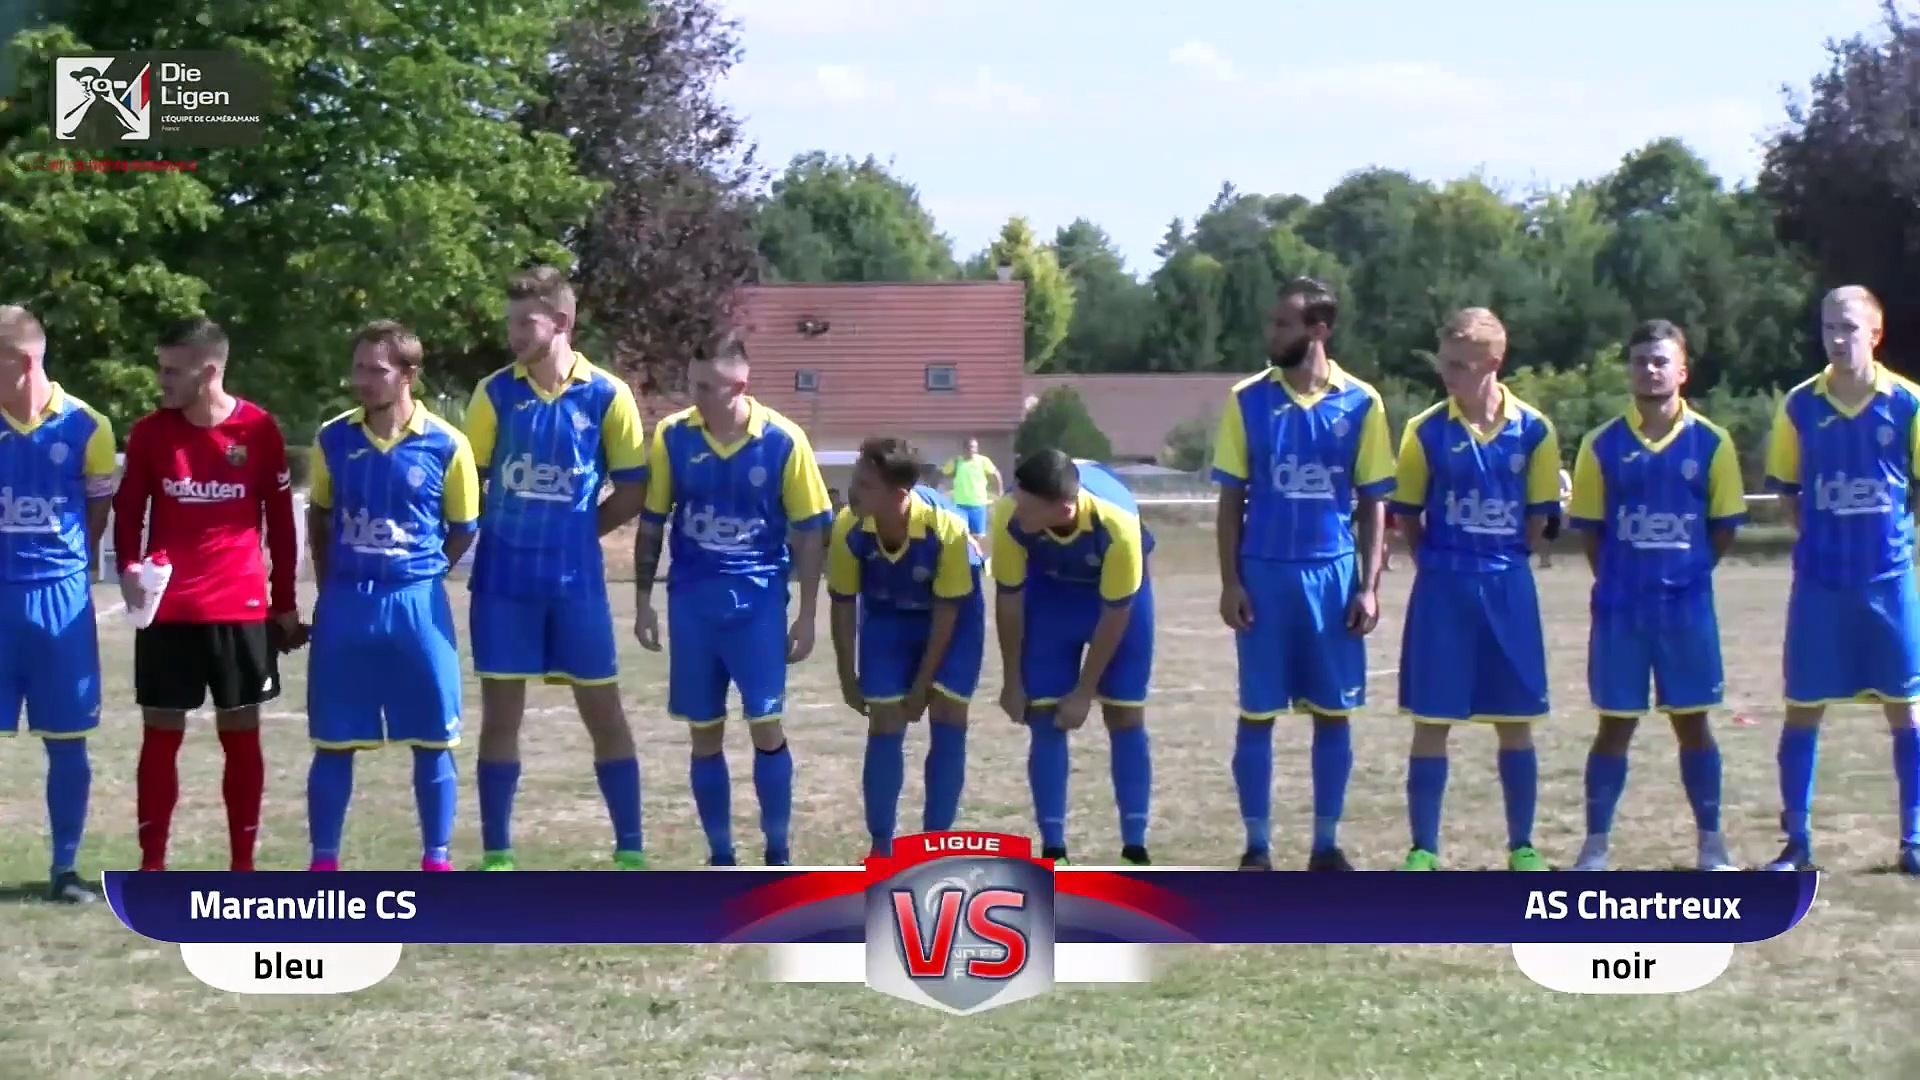 Coupe de France 3T : Maranville – Chartreux (3-2)